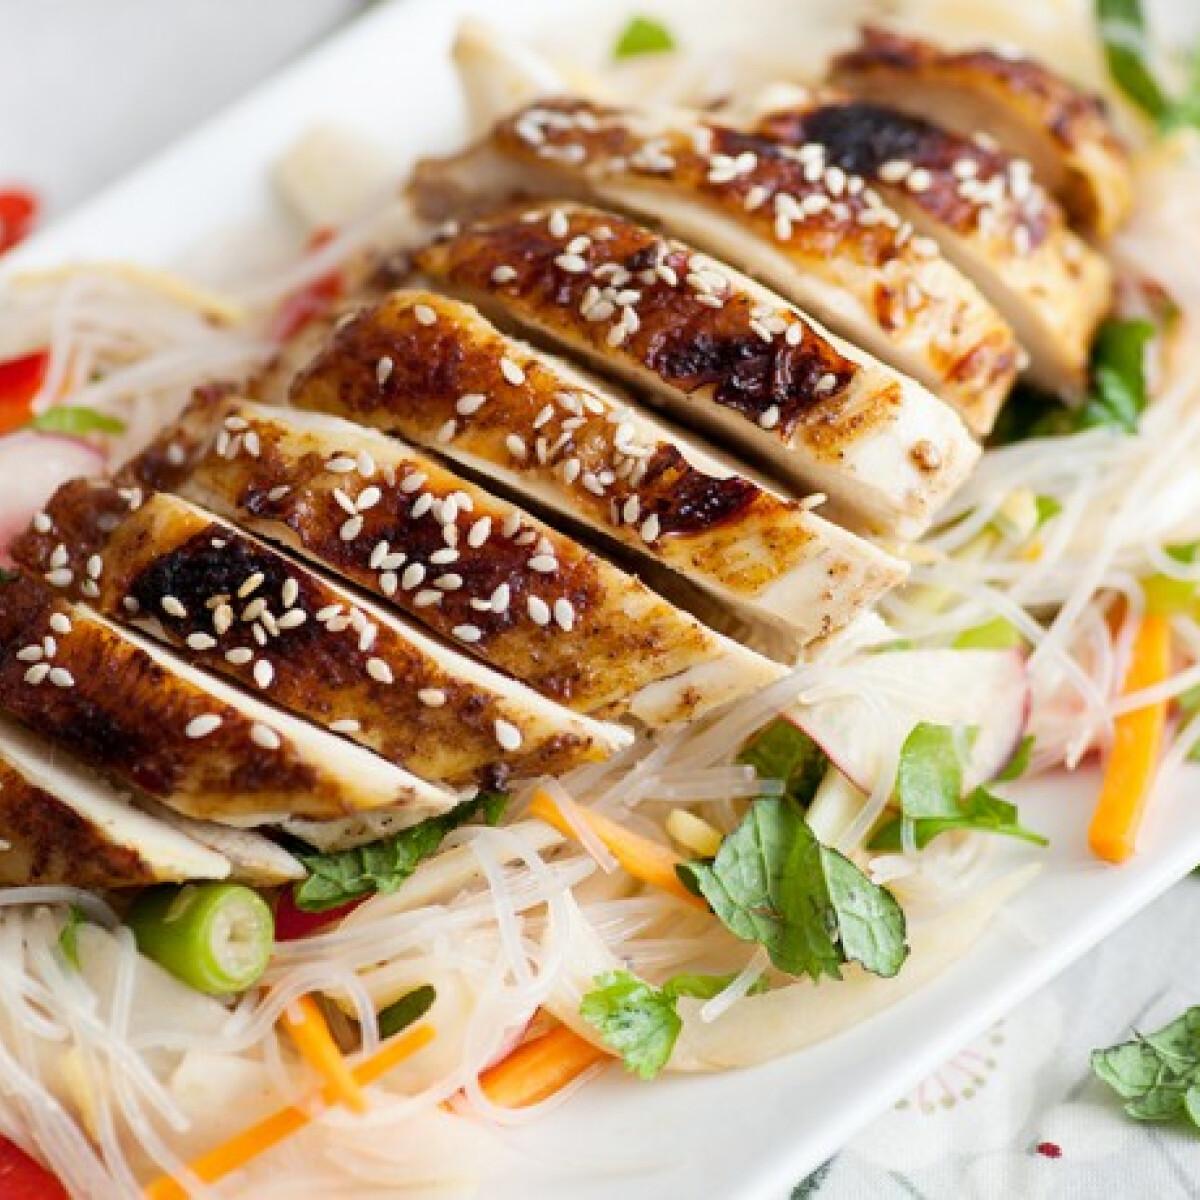 Ezen a képen: Szezámos csirkemell ázsiai salátával